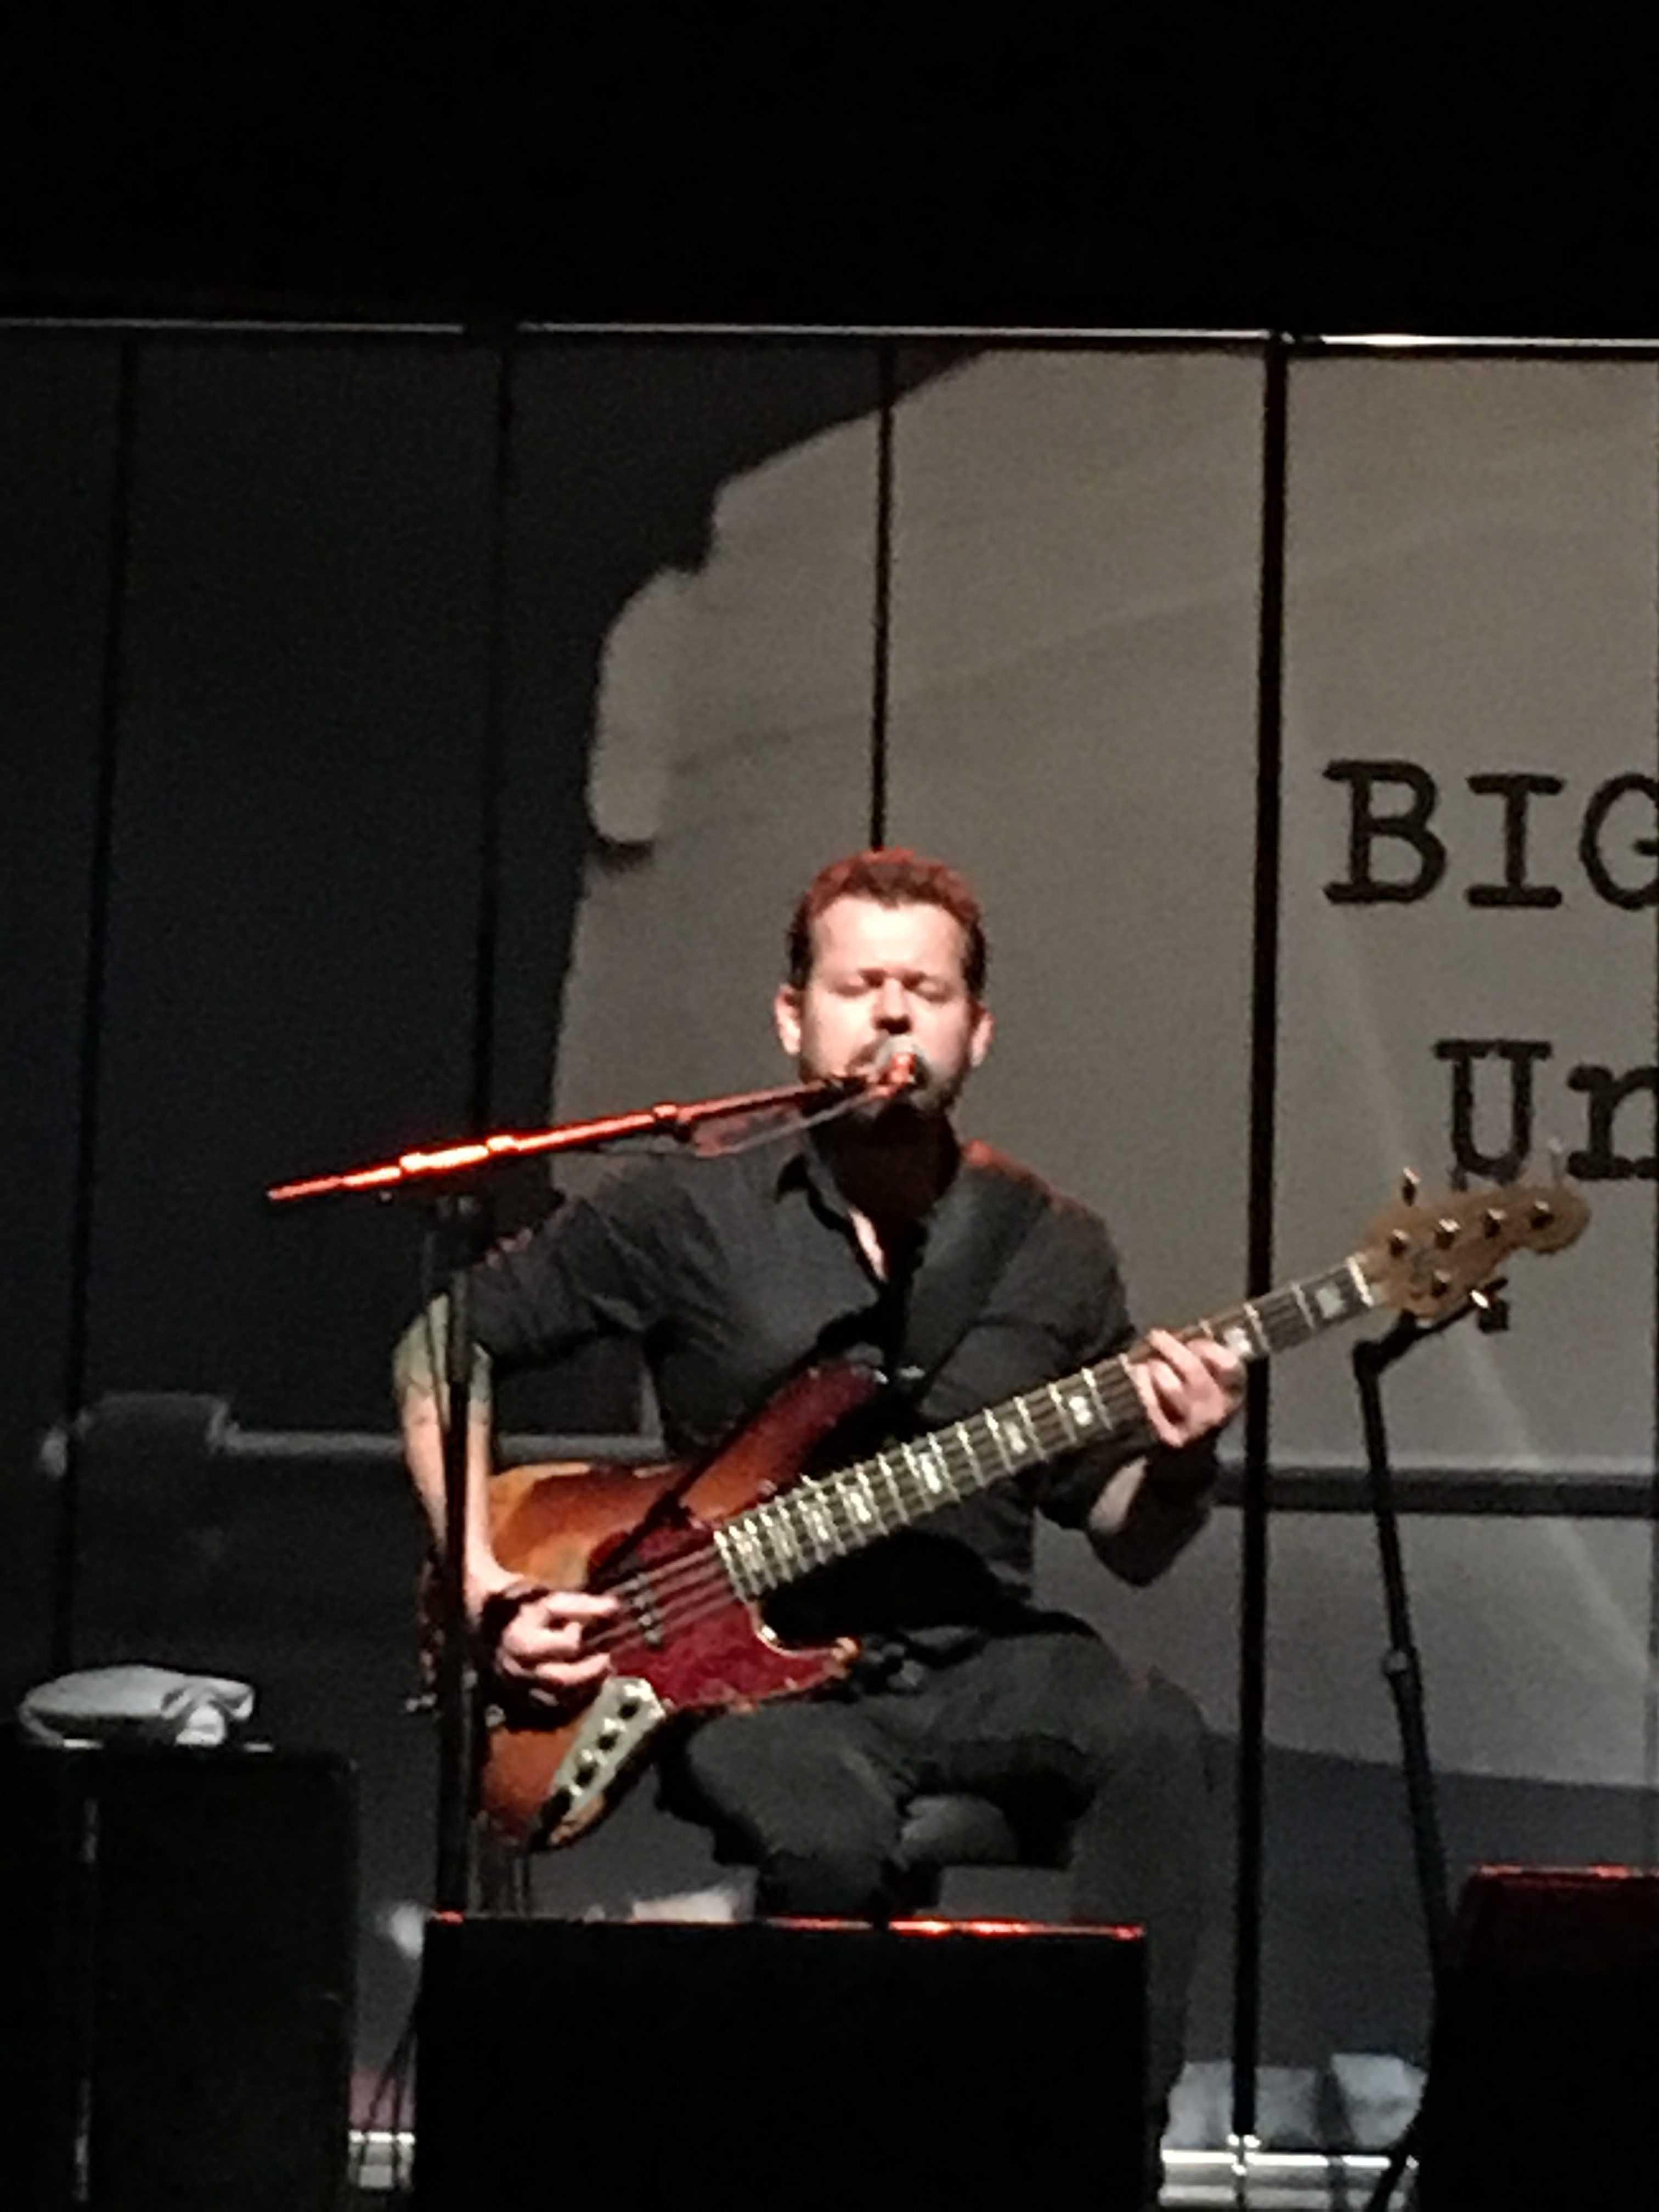 Bassist Morten Jay